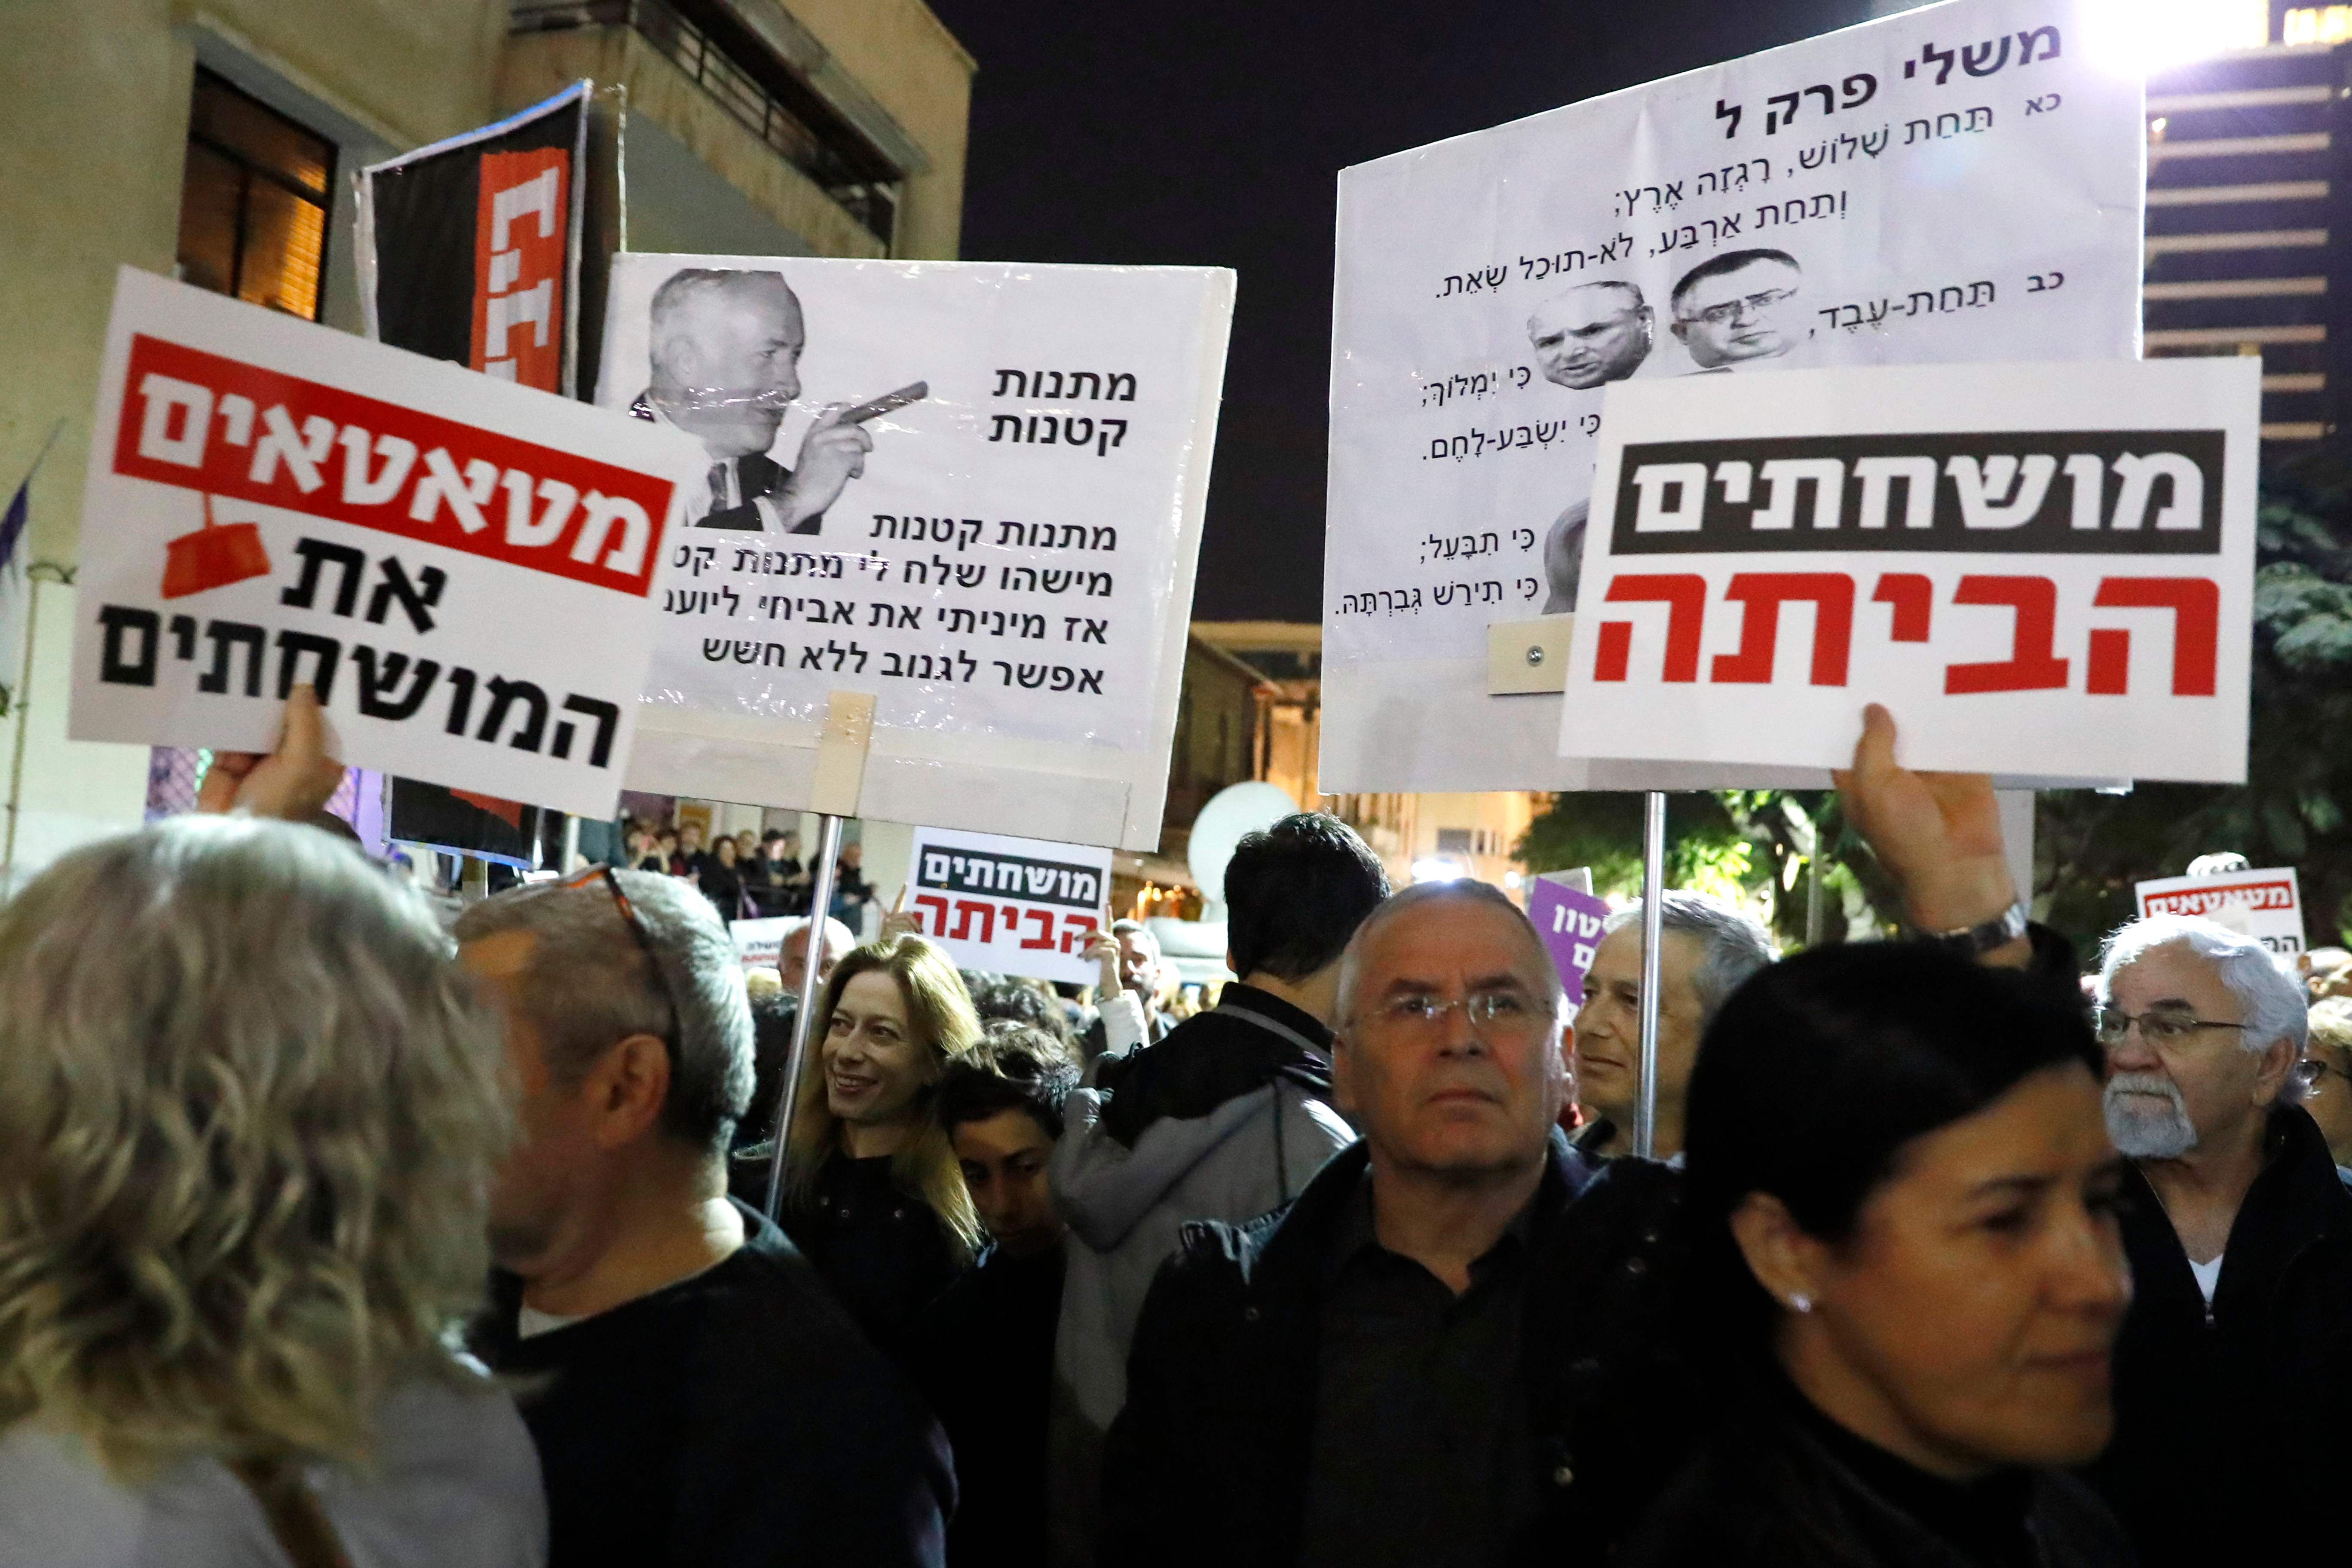 احتجاجات فى تل أبيب ضد نتنياهو